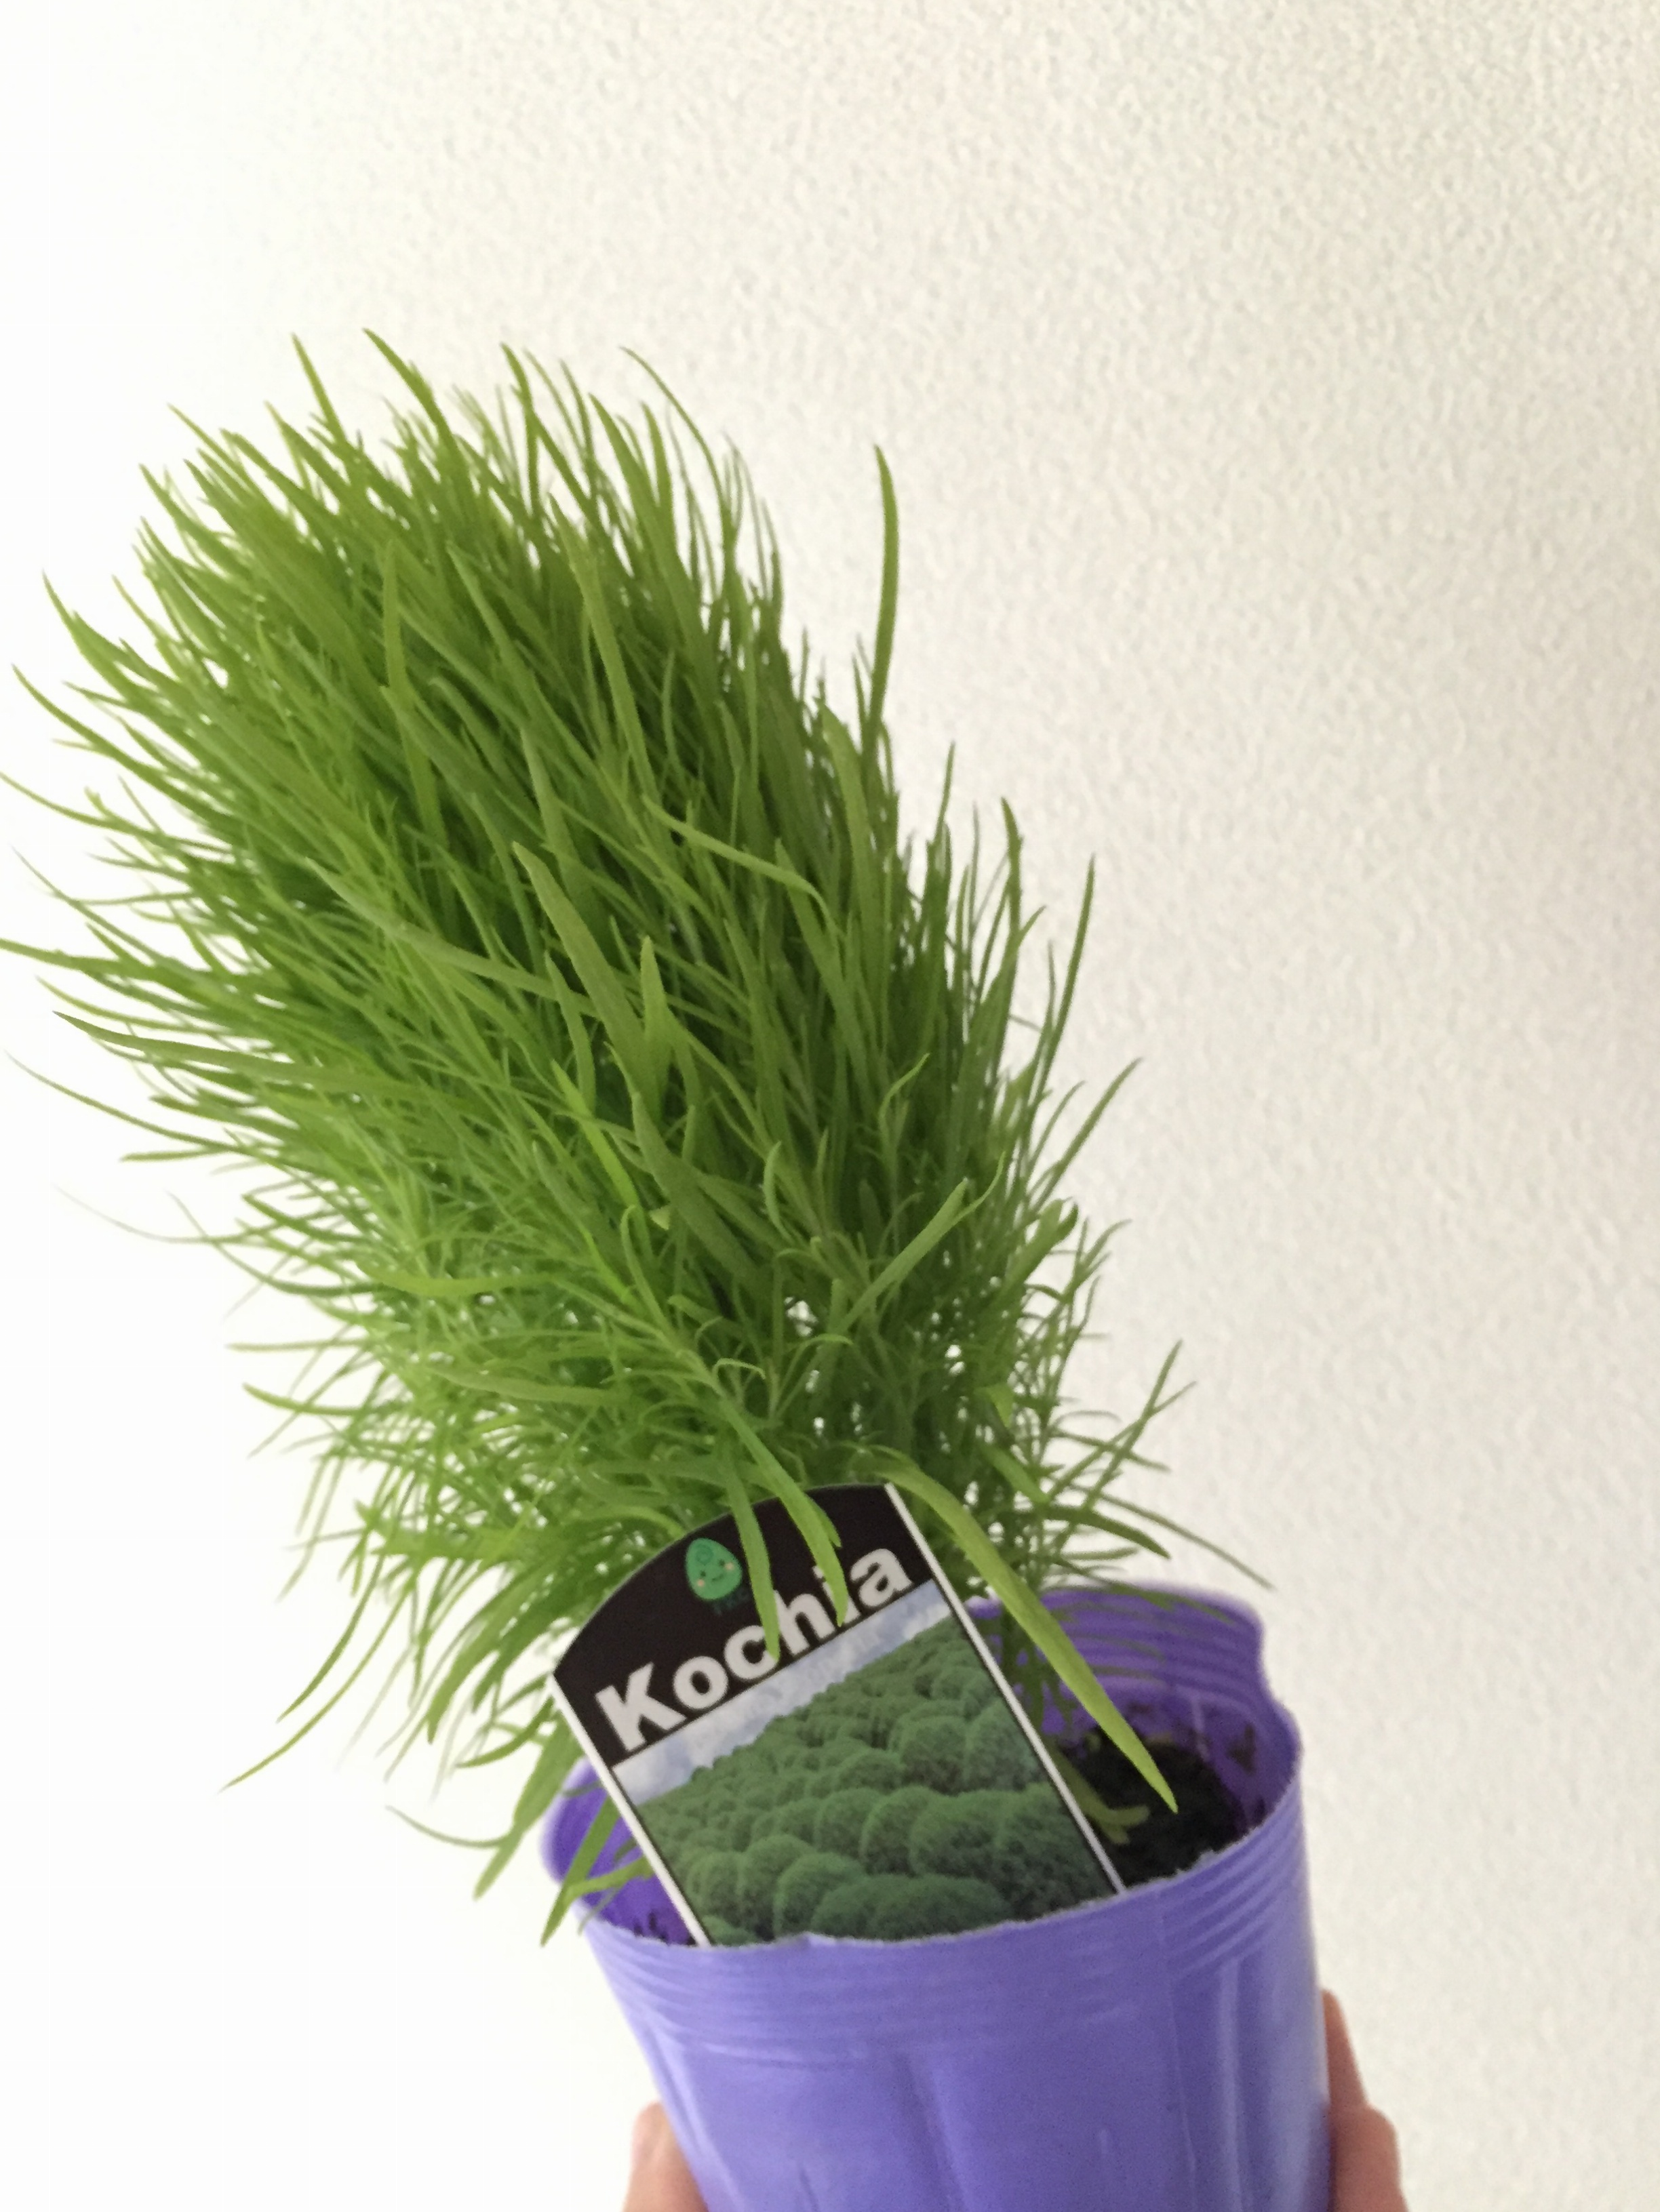 …ஐ 花のある暮らし♡おうちにグリーンを取り込んで安らぐ空間づくり ஐ¨_1